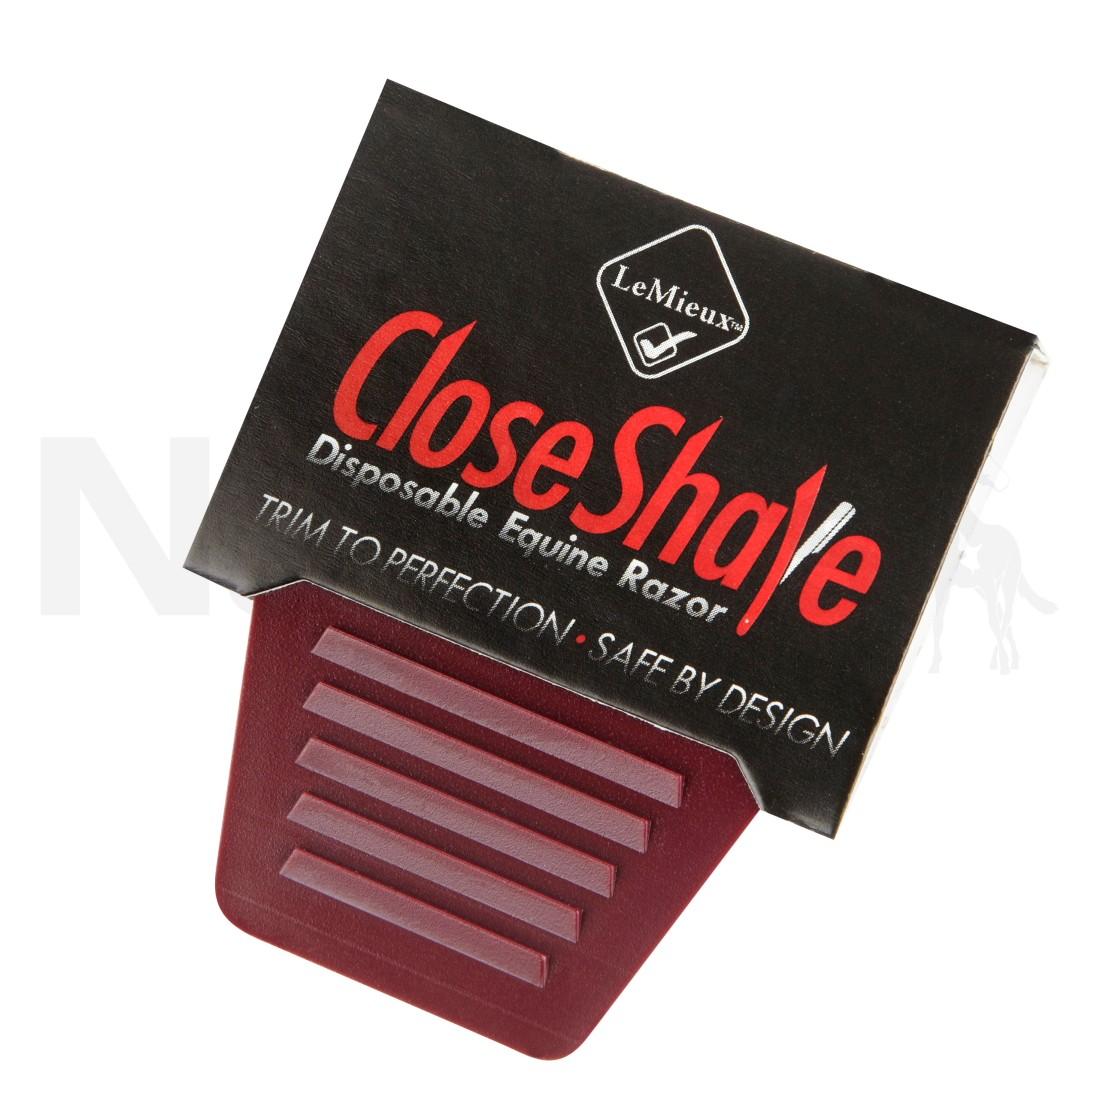 LeMieux Close Shave Disposable Equine Razor Image